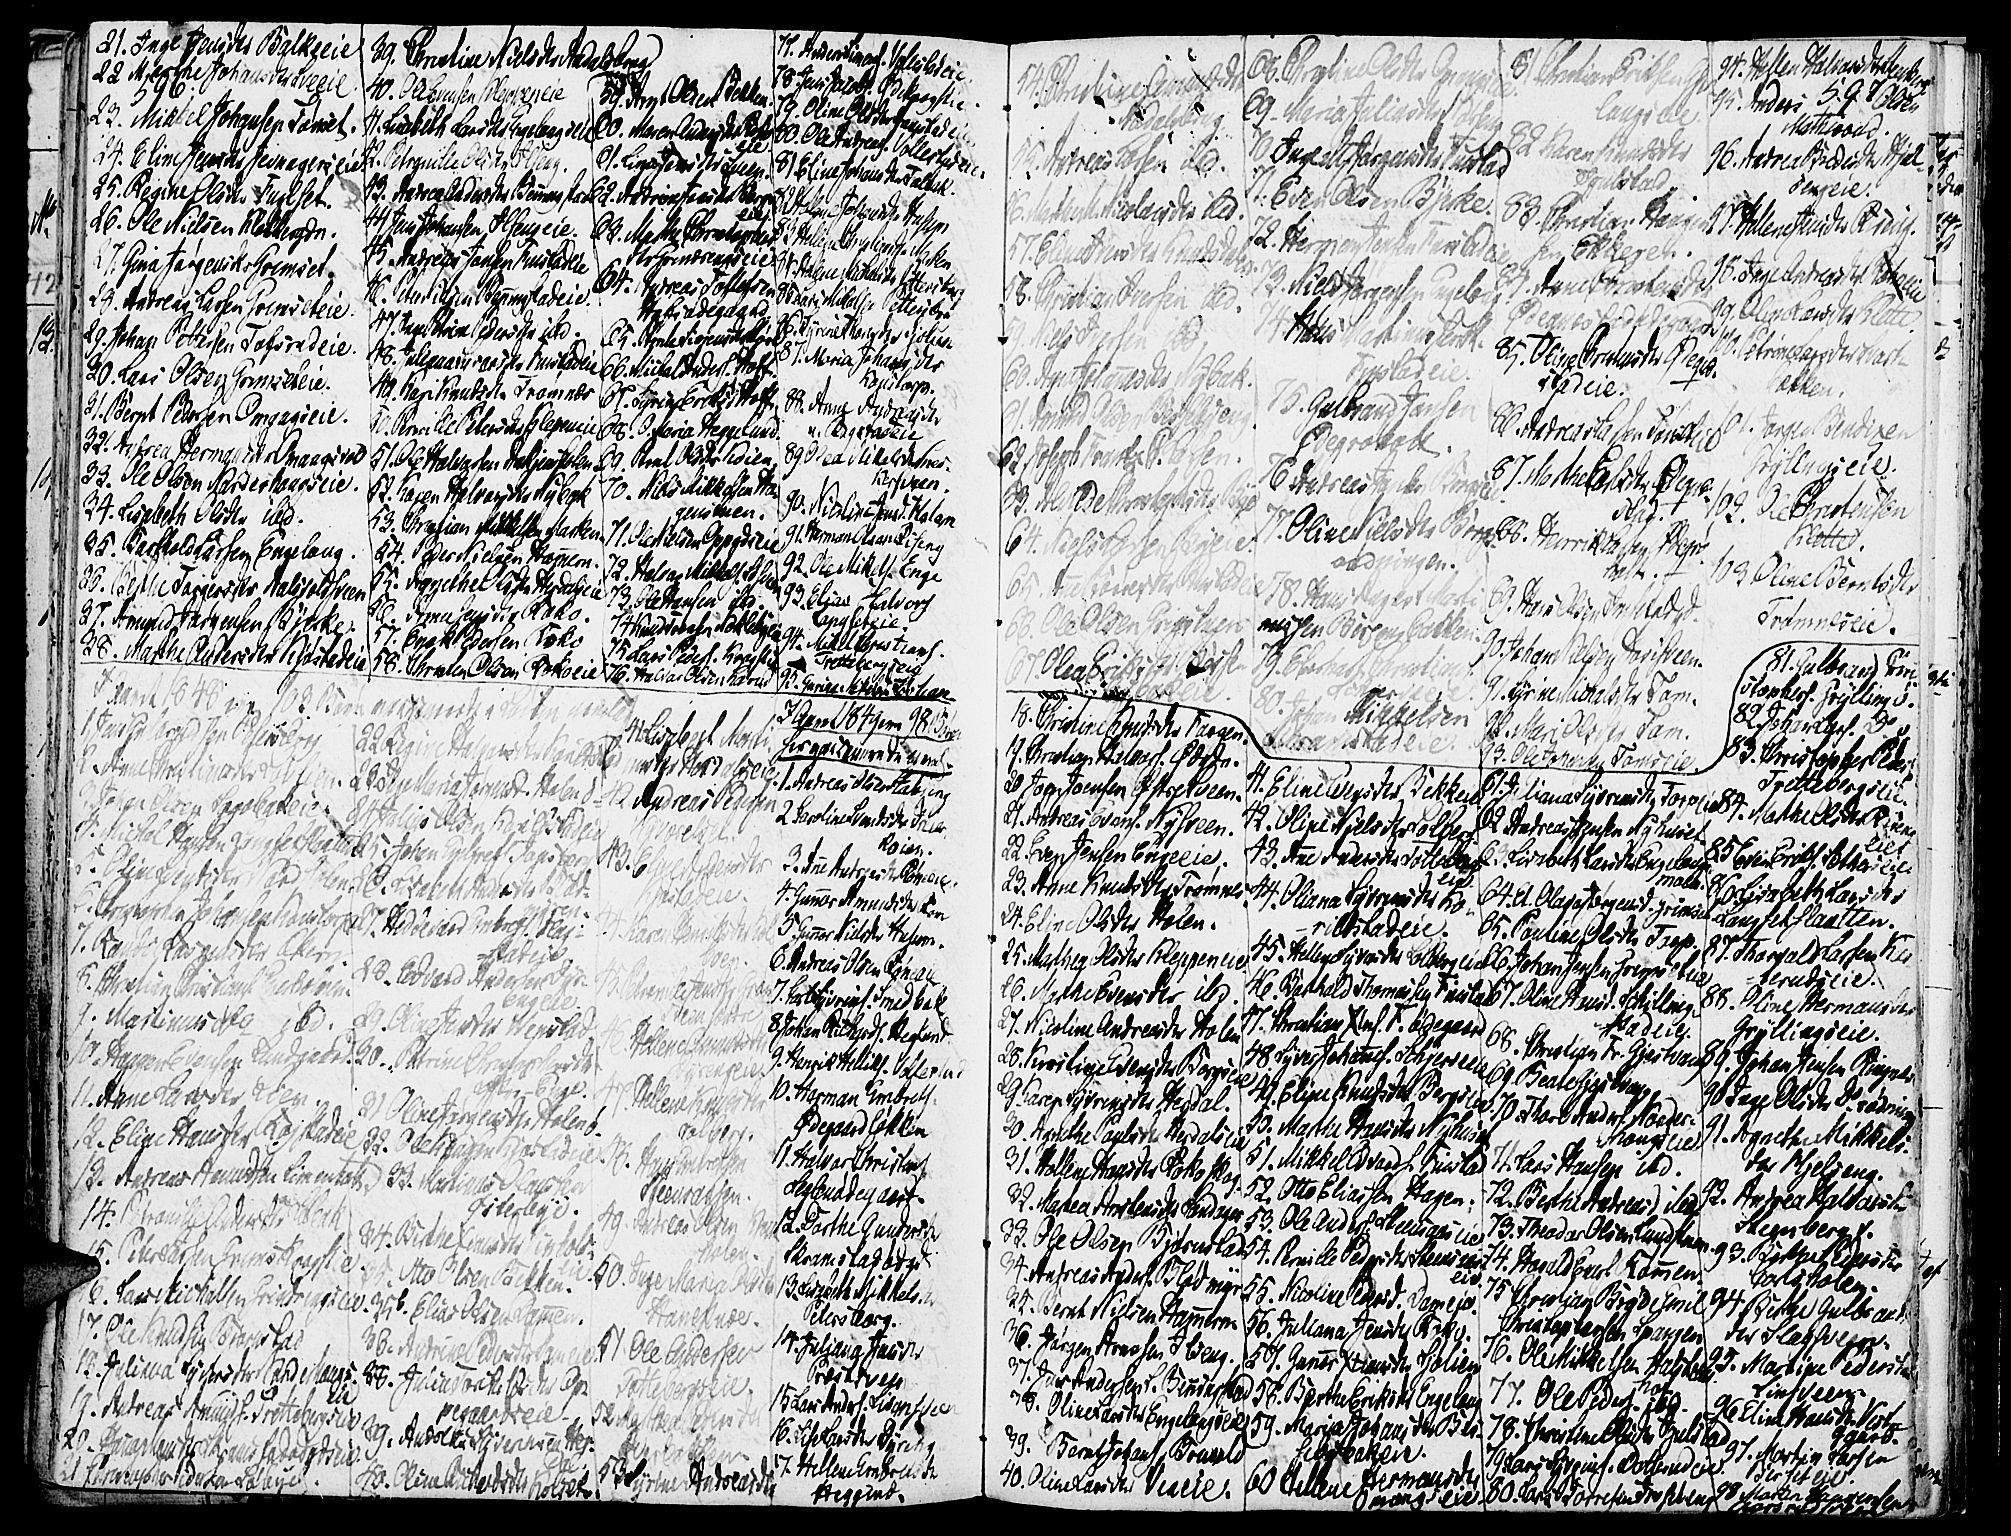 SAH, Løten prestekontor, K/Ka/L0006: Parish register (official) no. 6, 1832-1849, p. 596-597